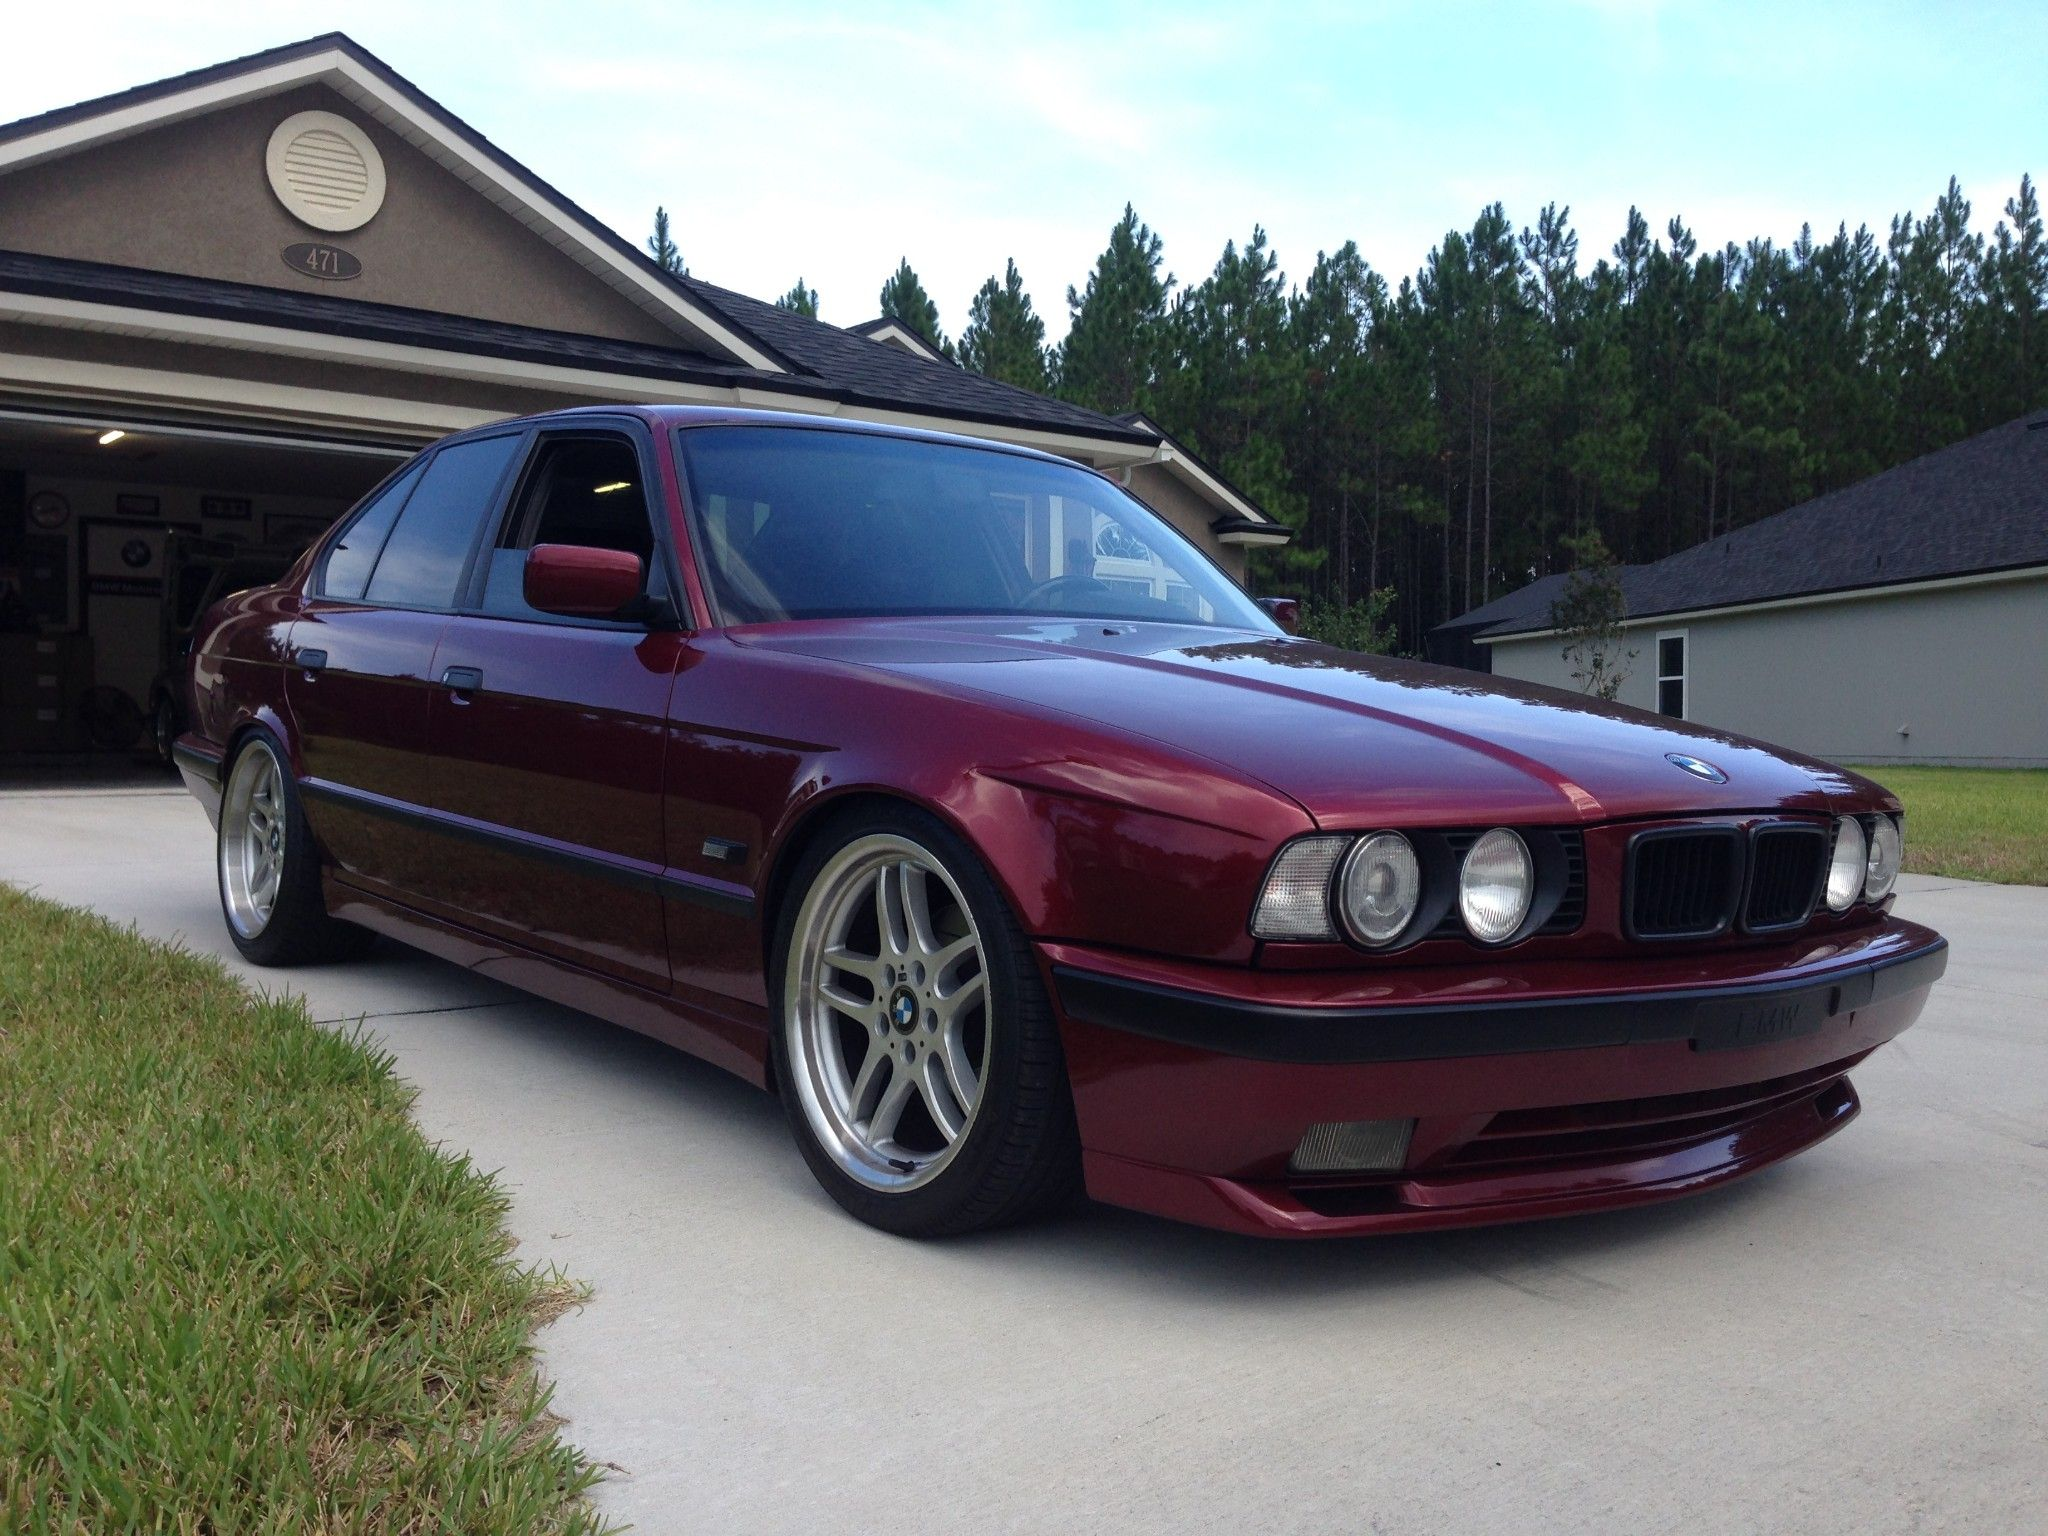 1995 Bmw 540i 6 Speed Bmw Bmw E34 Bmw Cars